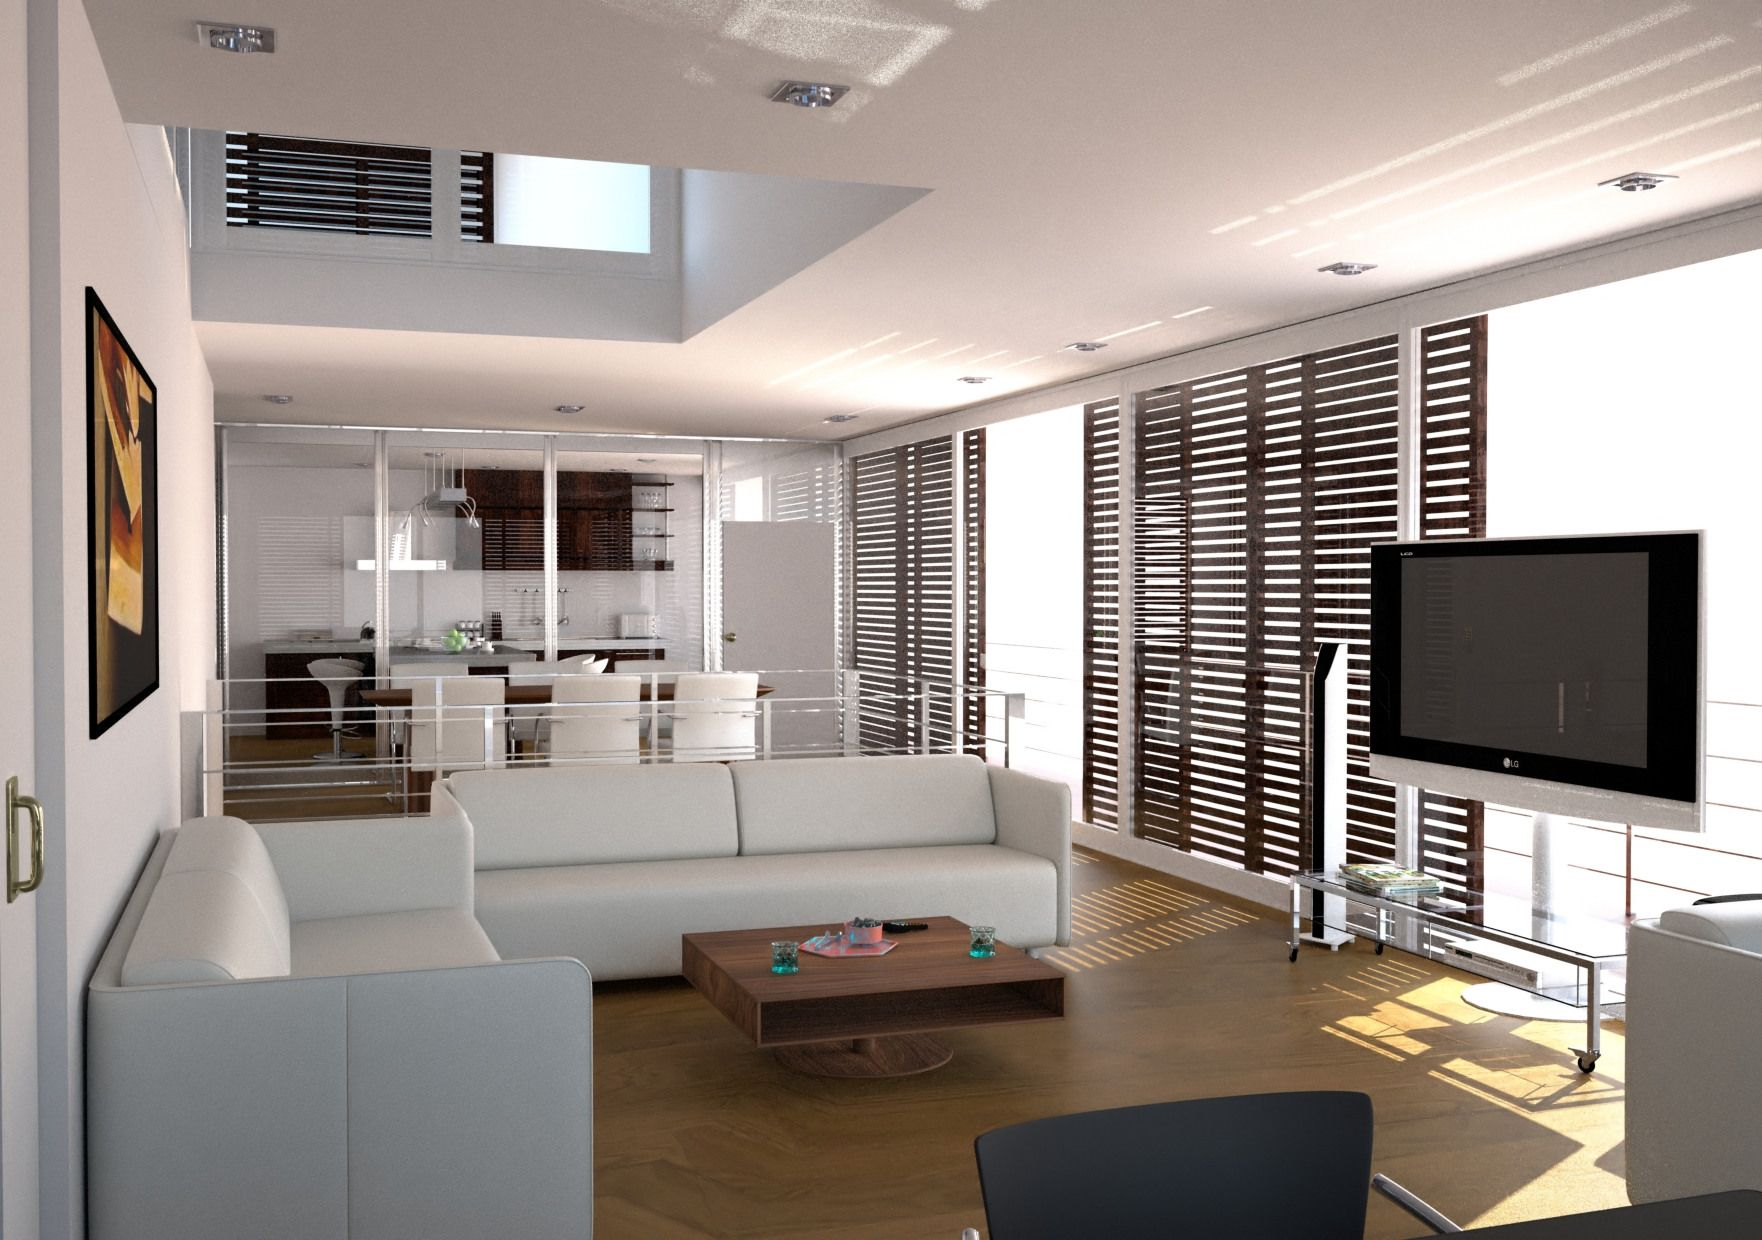 Neues schlafzimmer interieur  zutaten in einem haus interieur design nummer  ist unmöglich